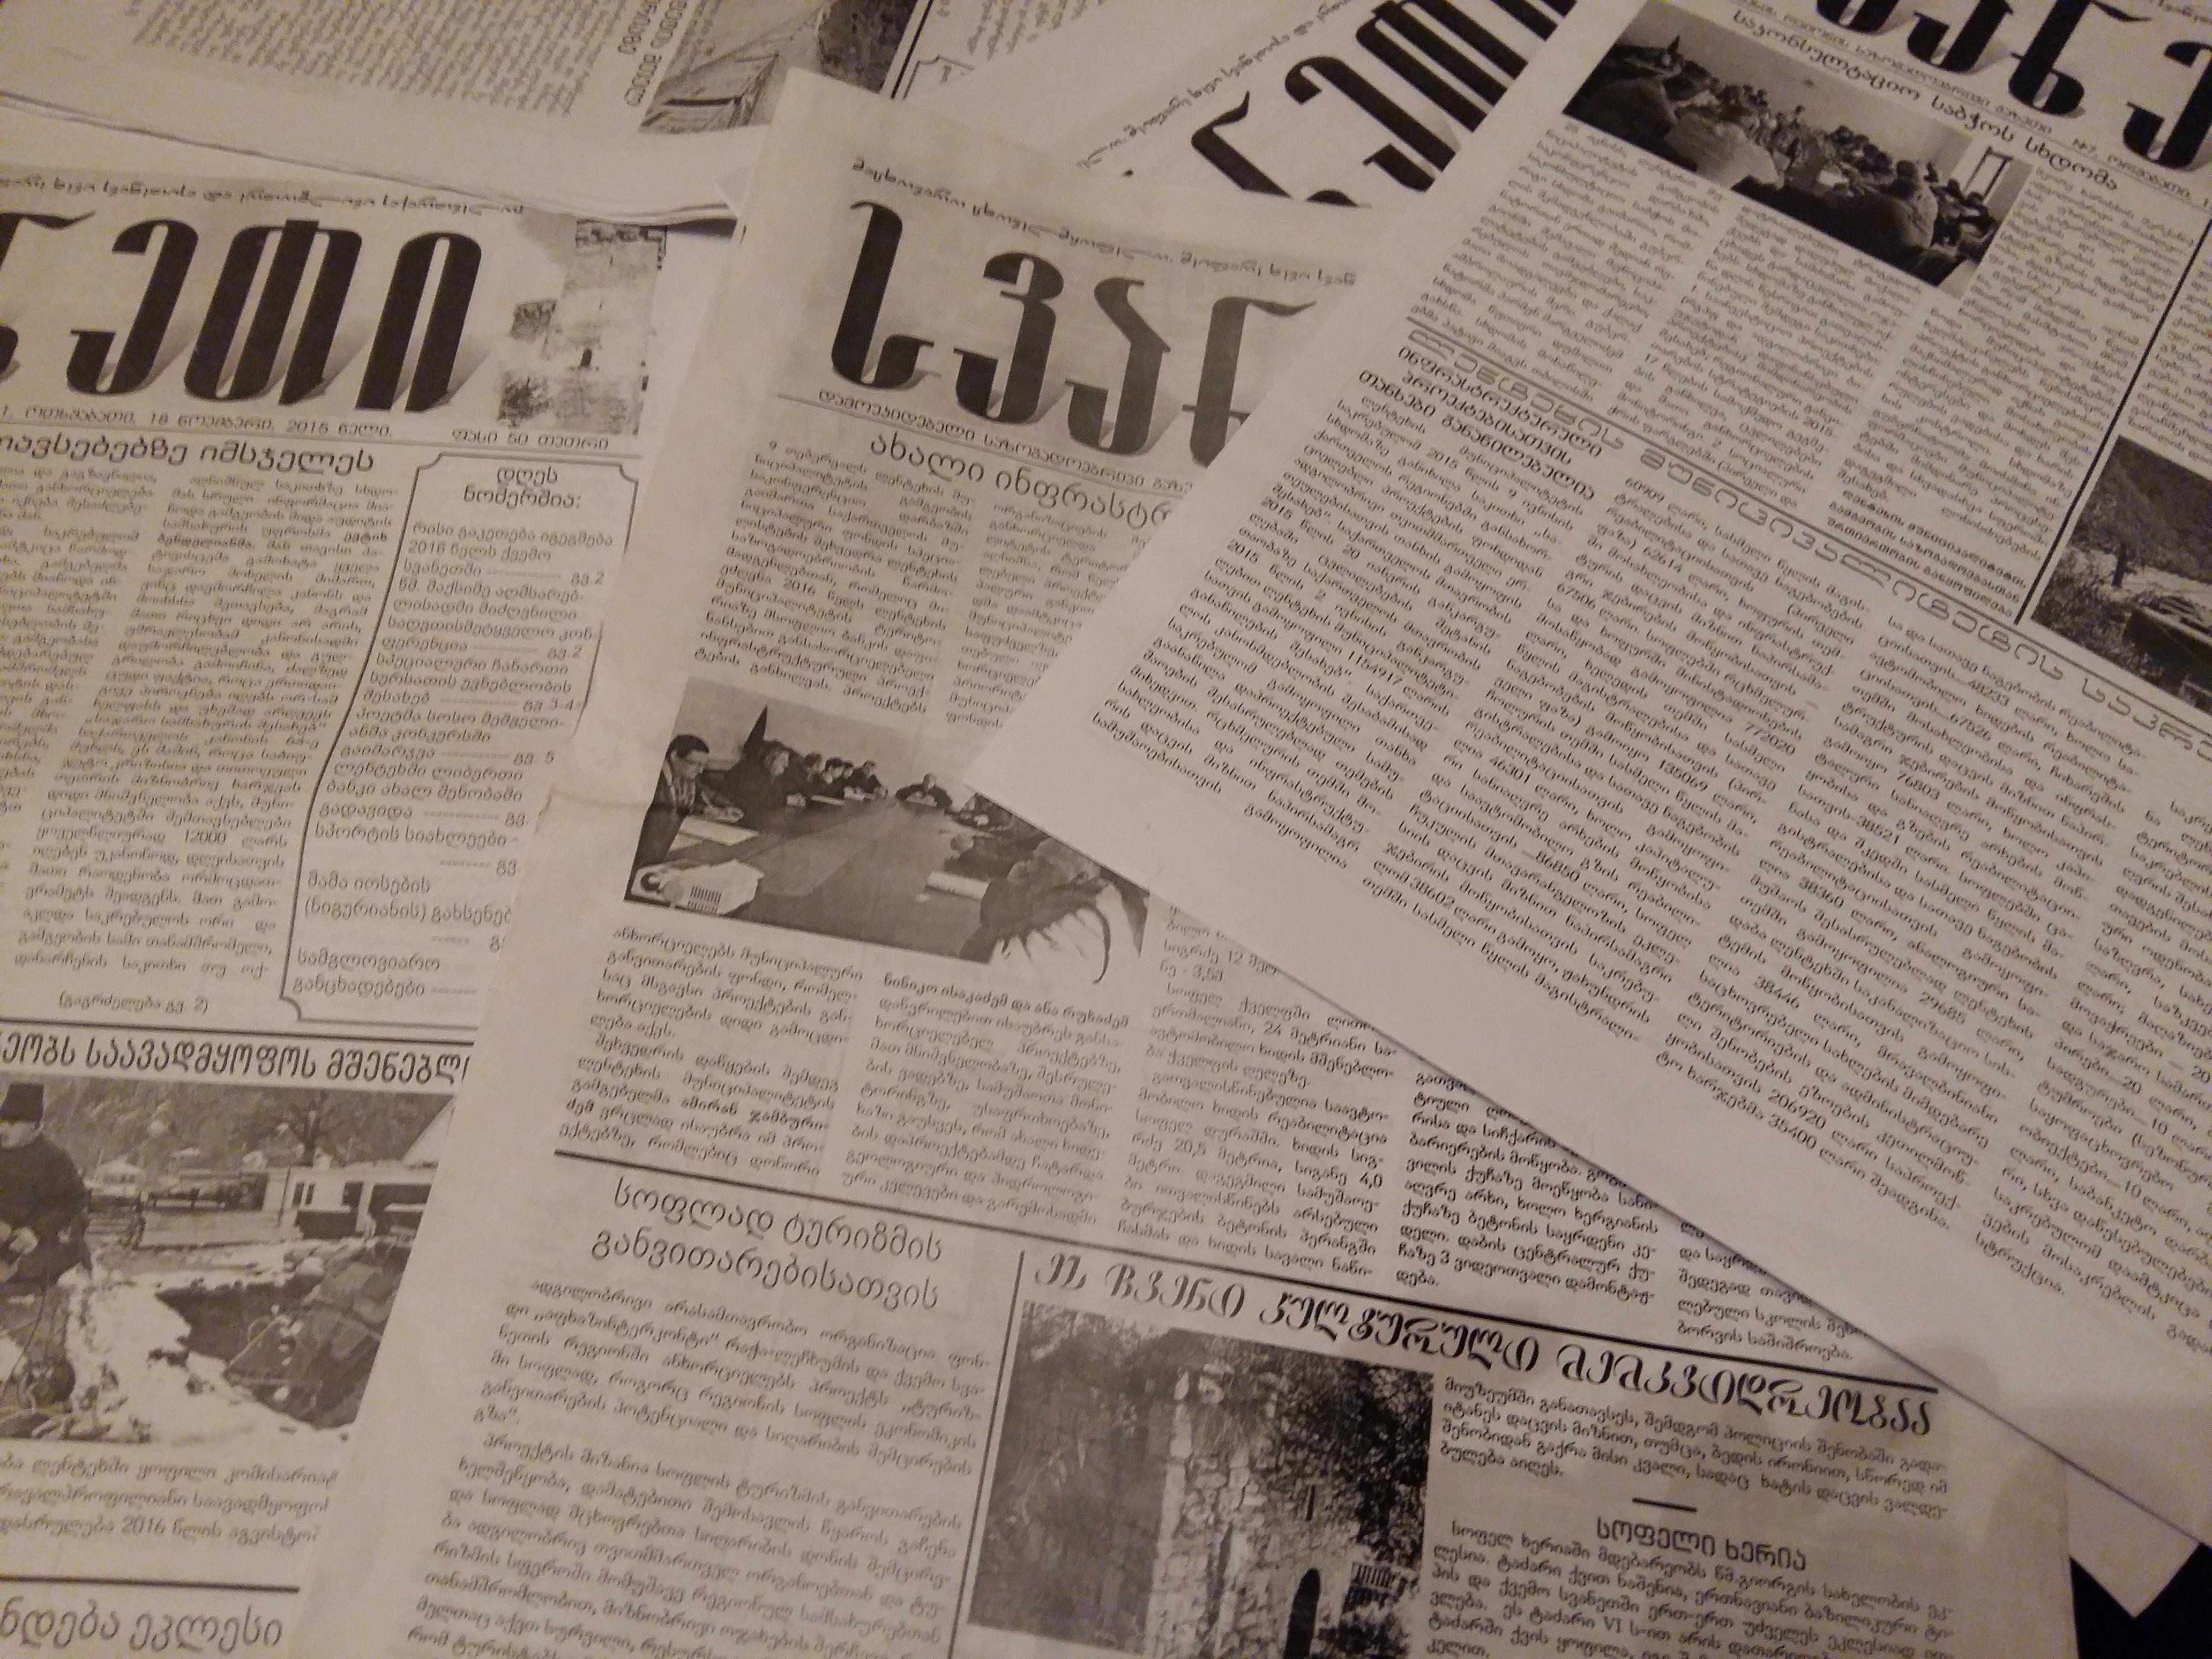 """გაზეთი """"სვანეთი"""" უკვე ქუთაისში, წყალტუბოში, ხონში, ზუგდიდში და ცაგერშიც ვრცელდება"""